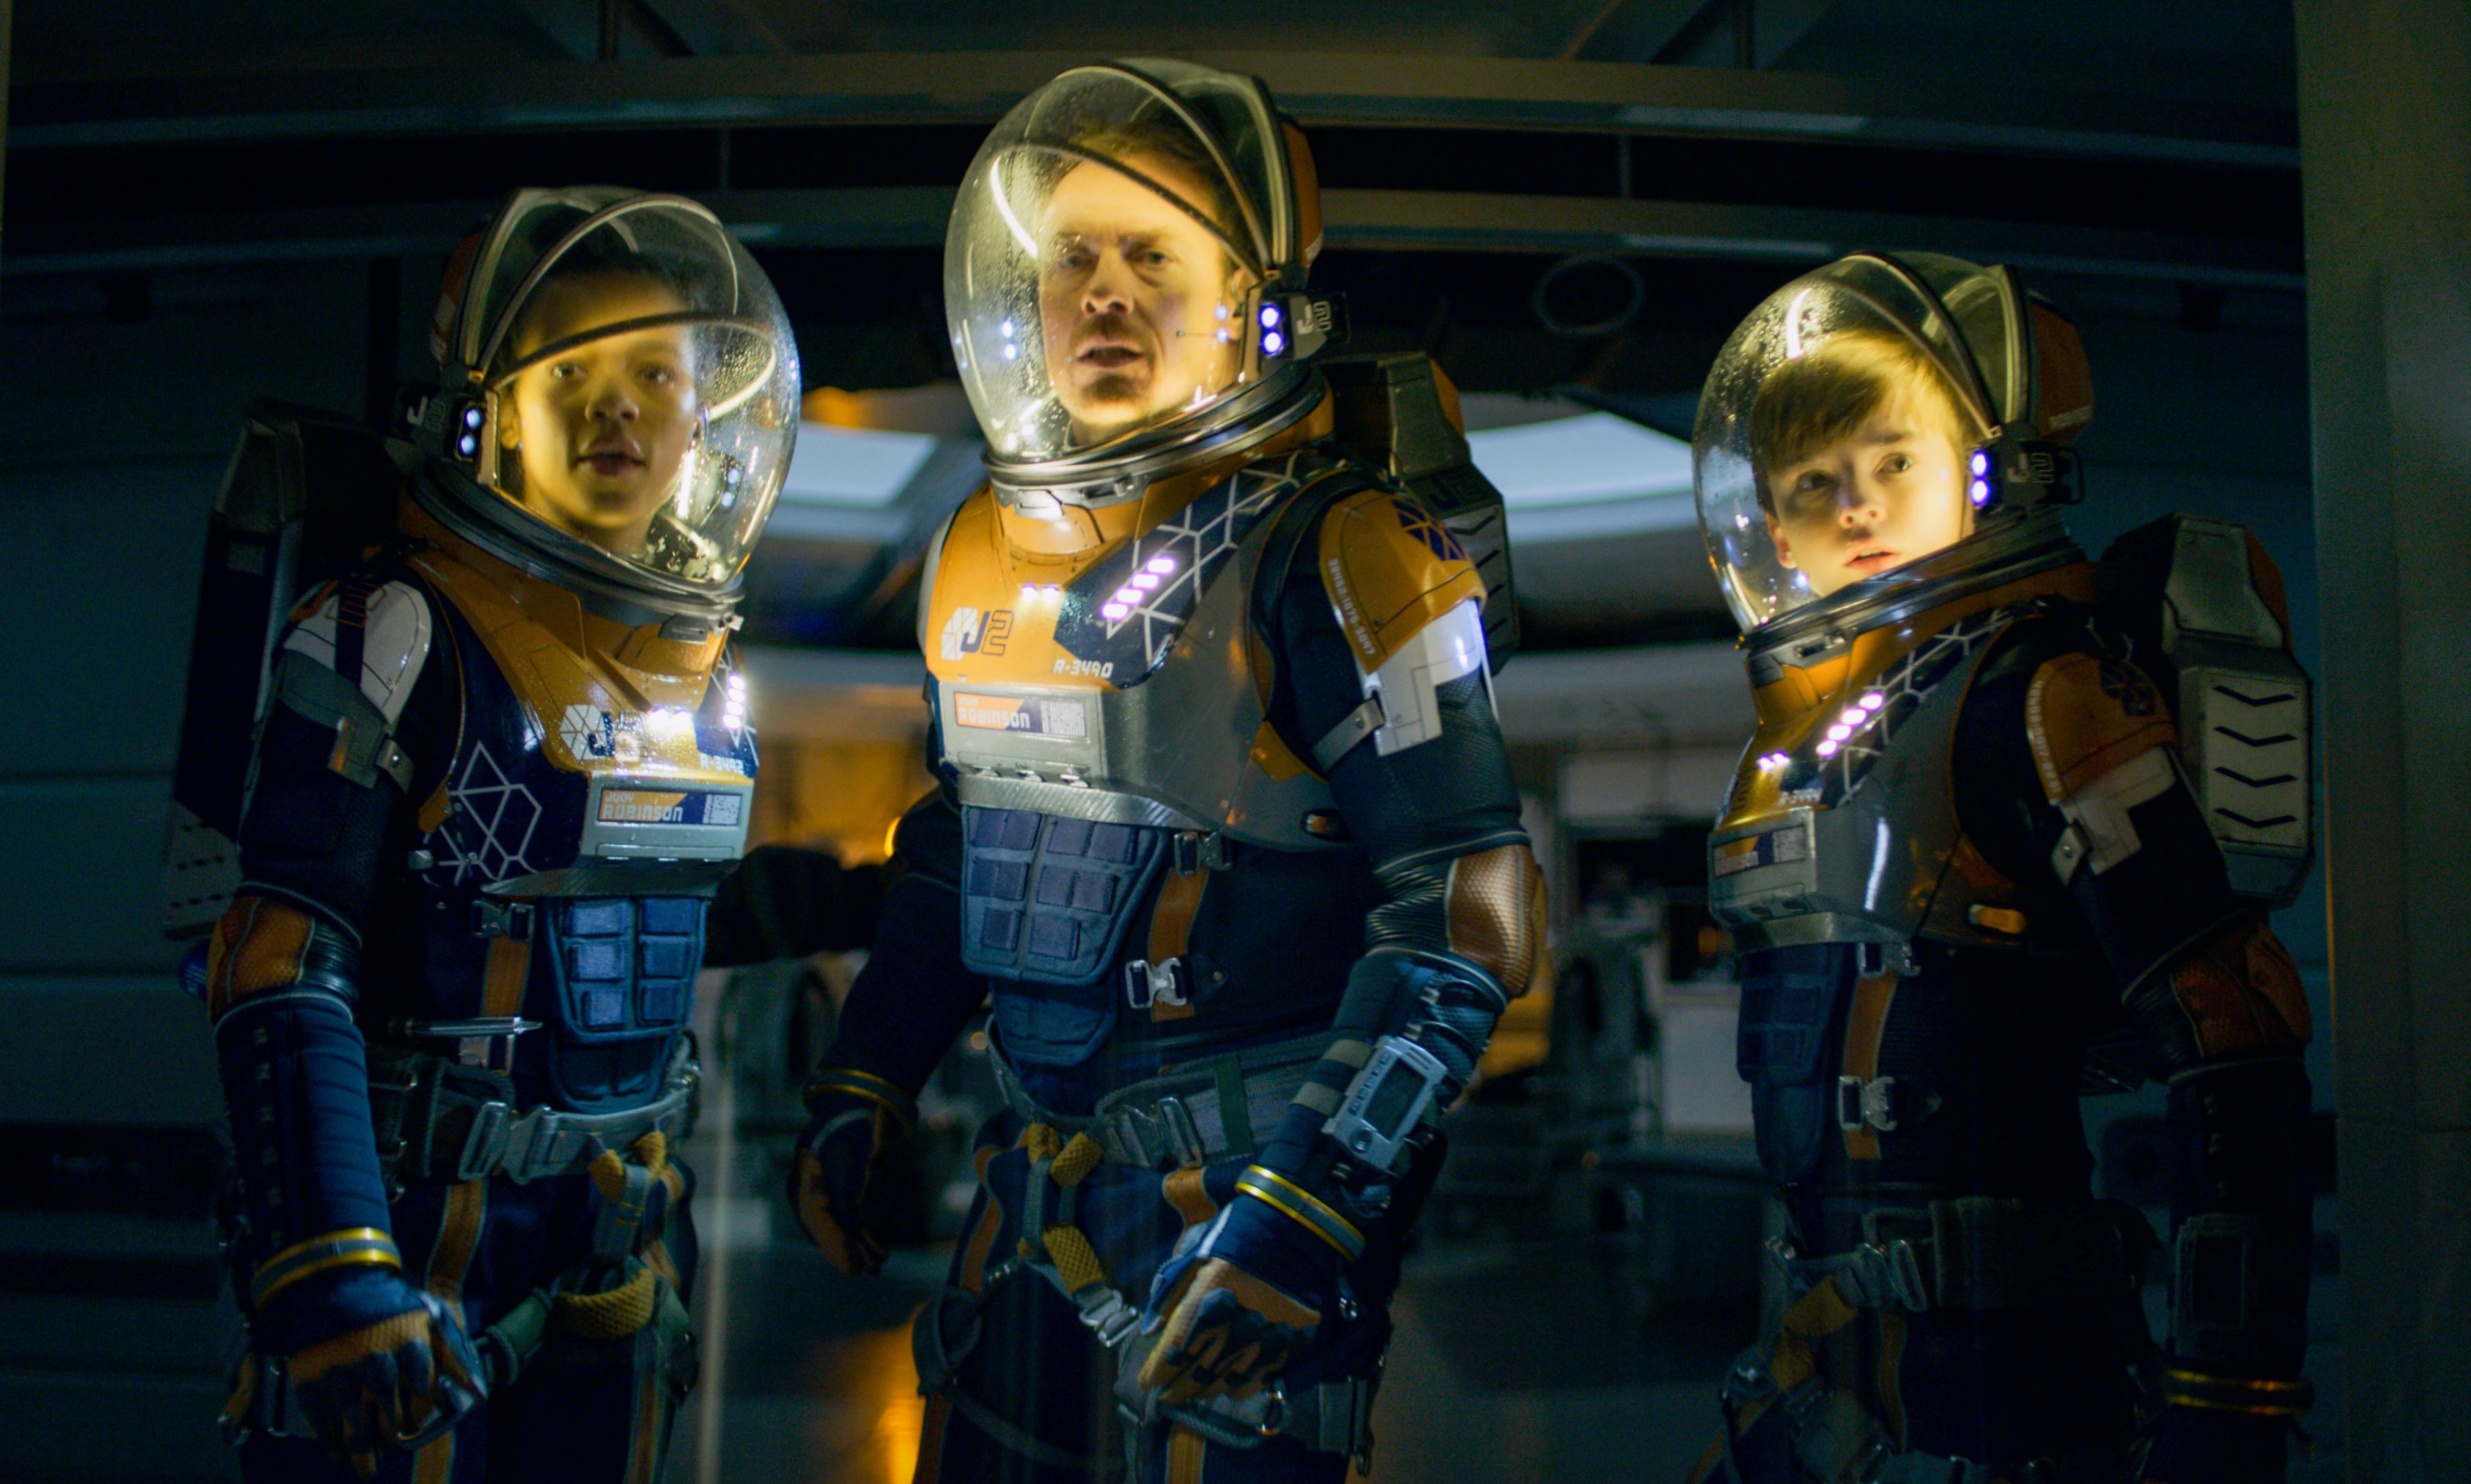 Lost In Space Staffel 2 Im Stream Auf Netflix Heiligabend Mit